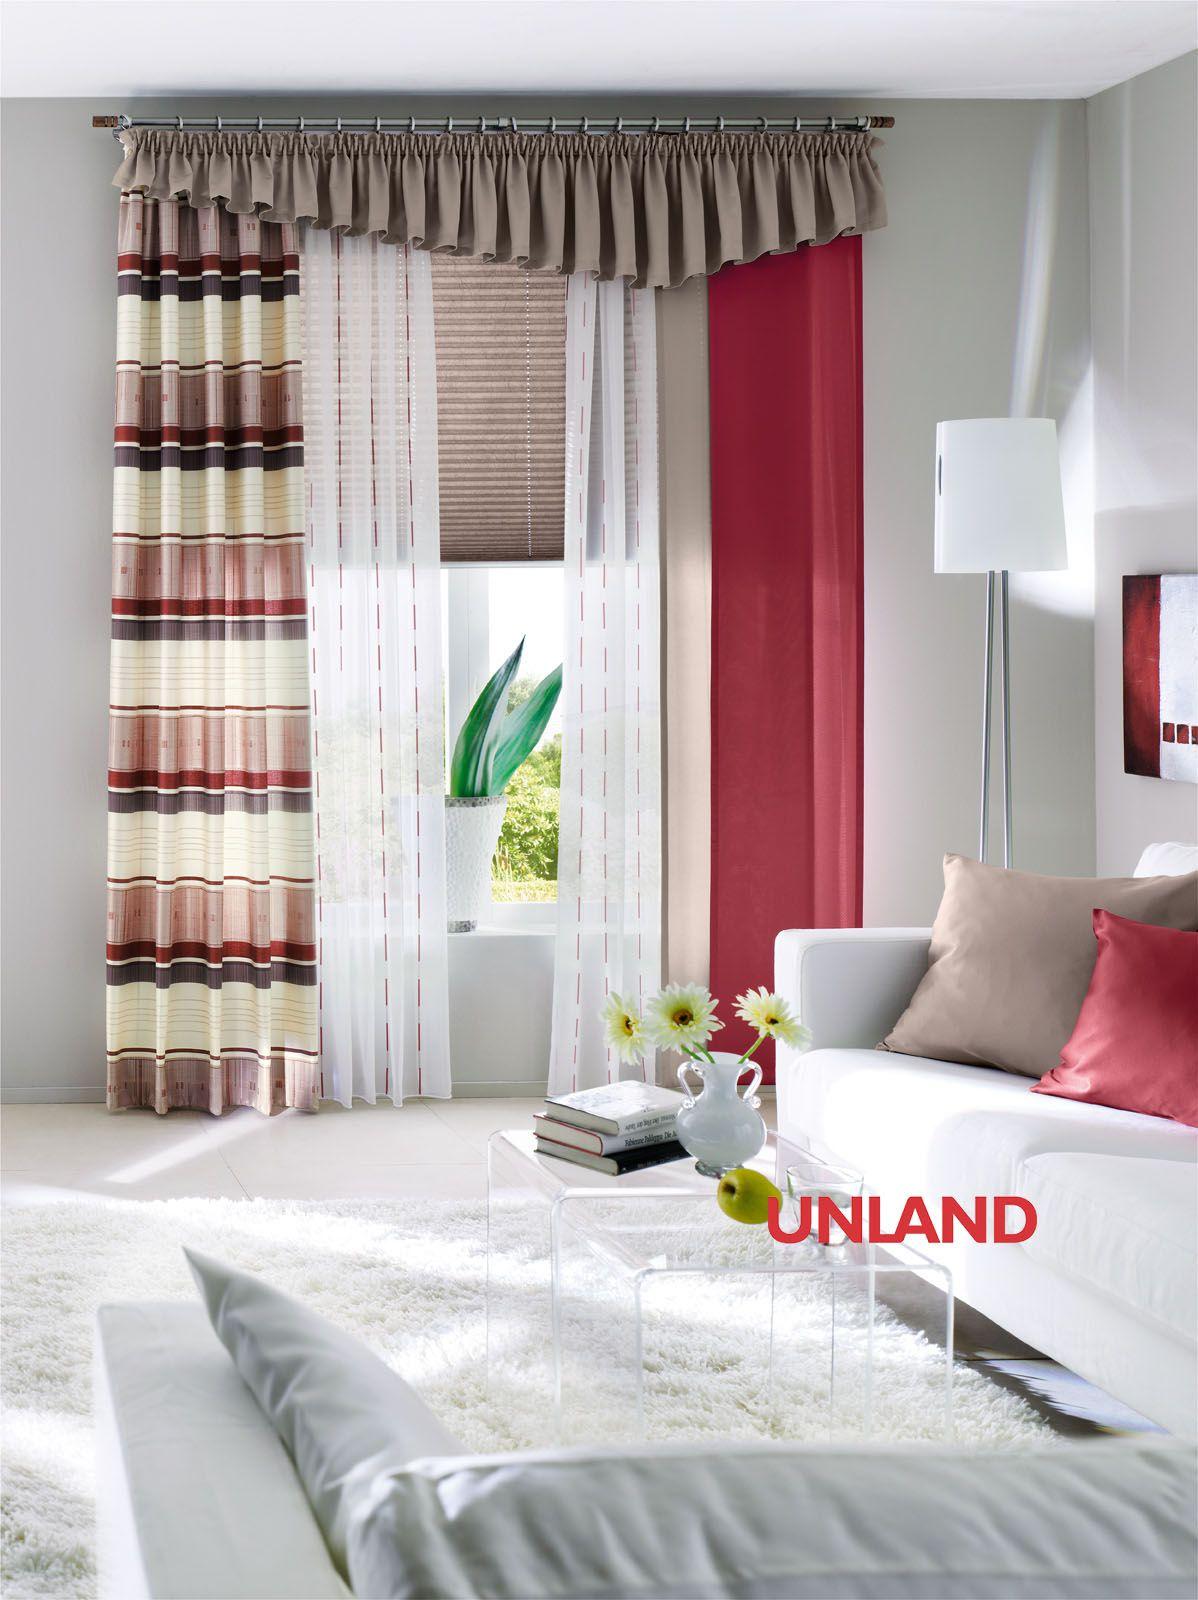 Unland Linea, Fensterideen, Vorhang, Gardinen und Sonnenschutz